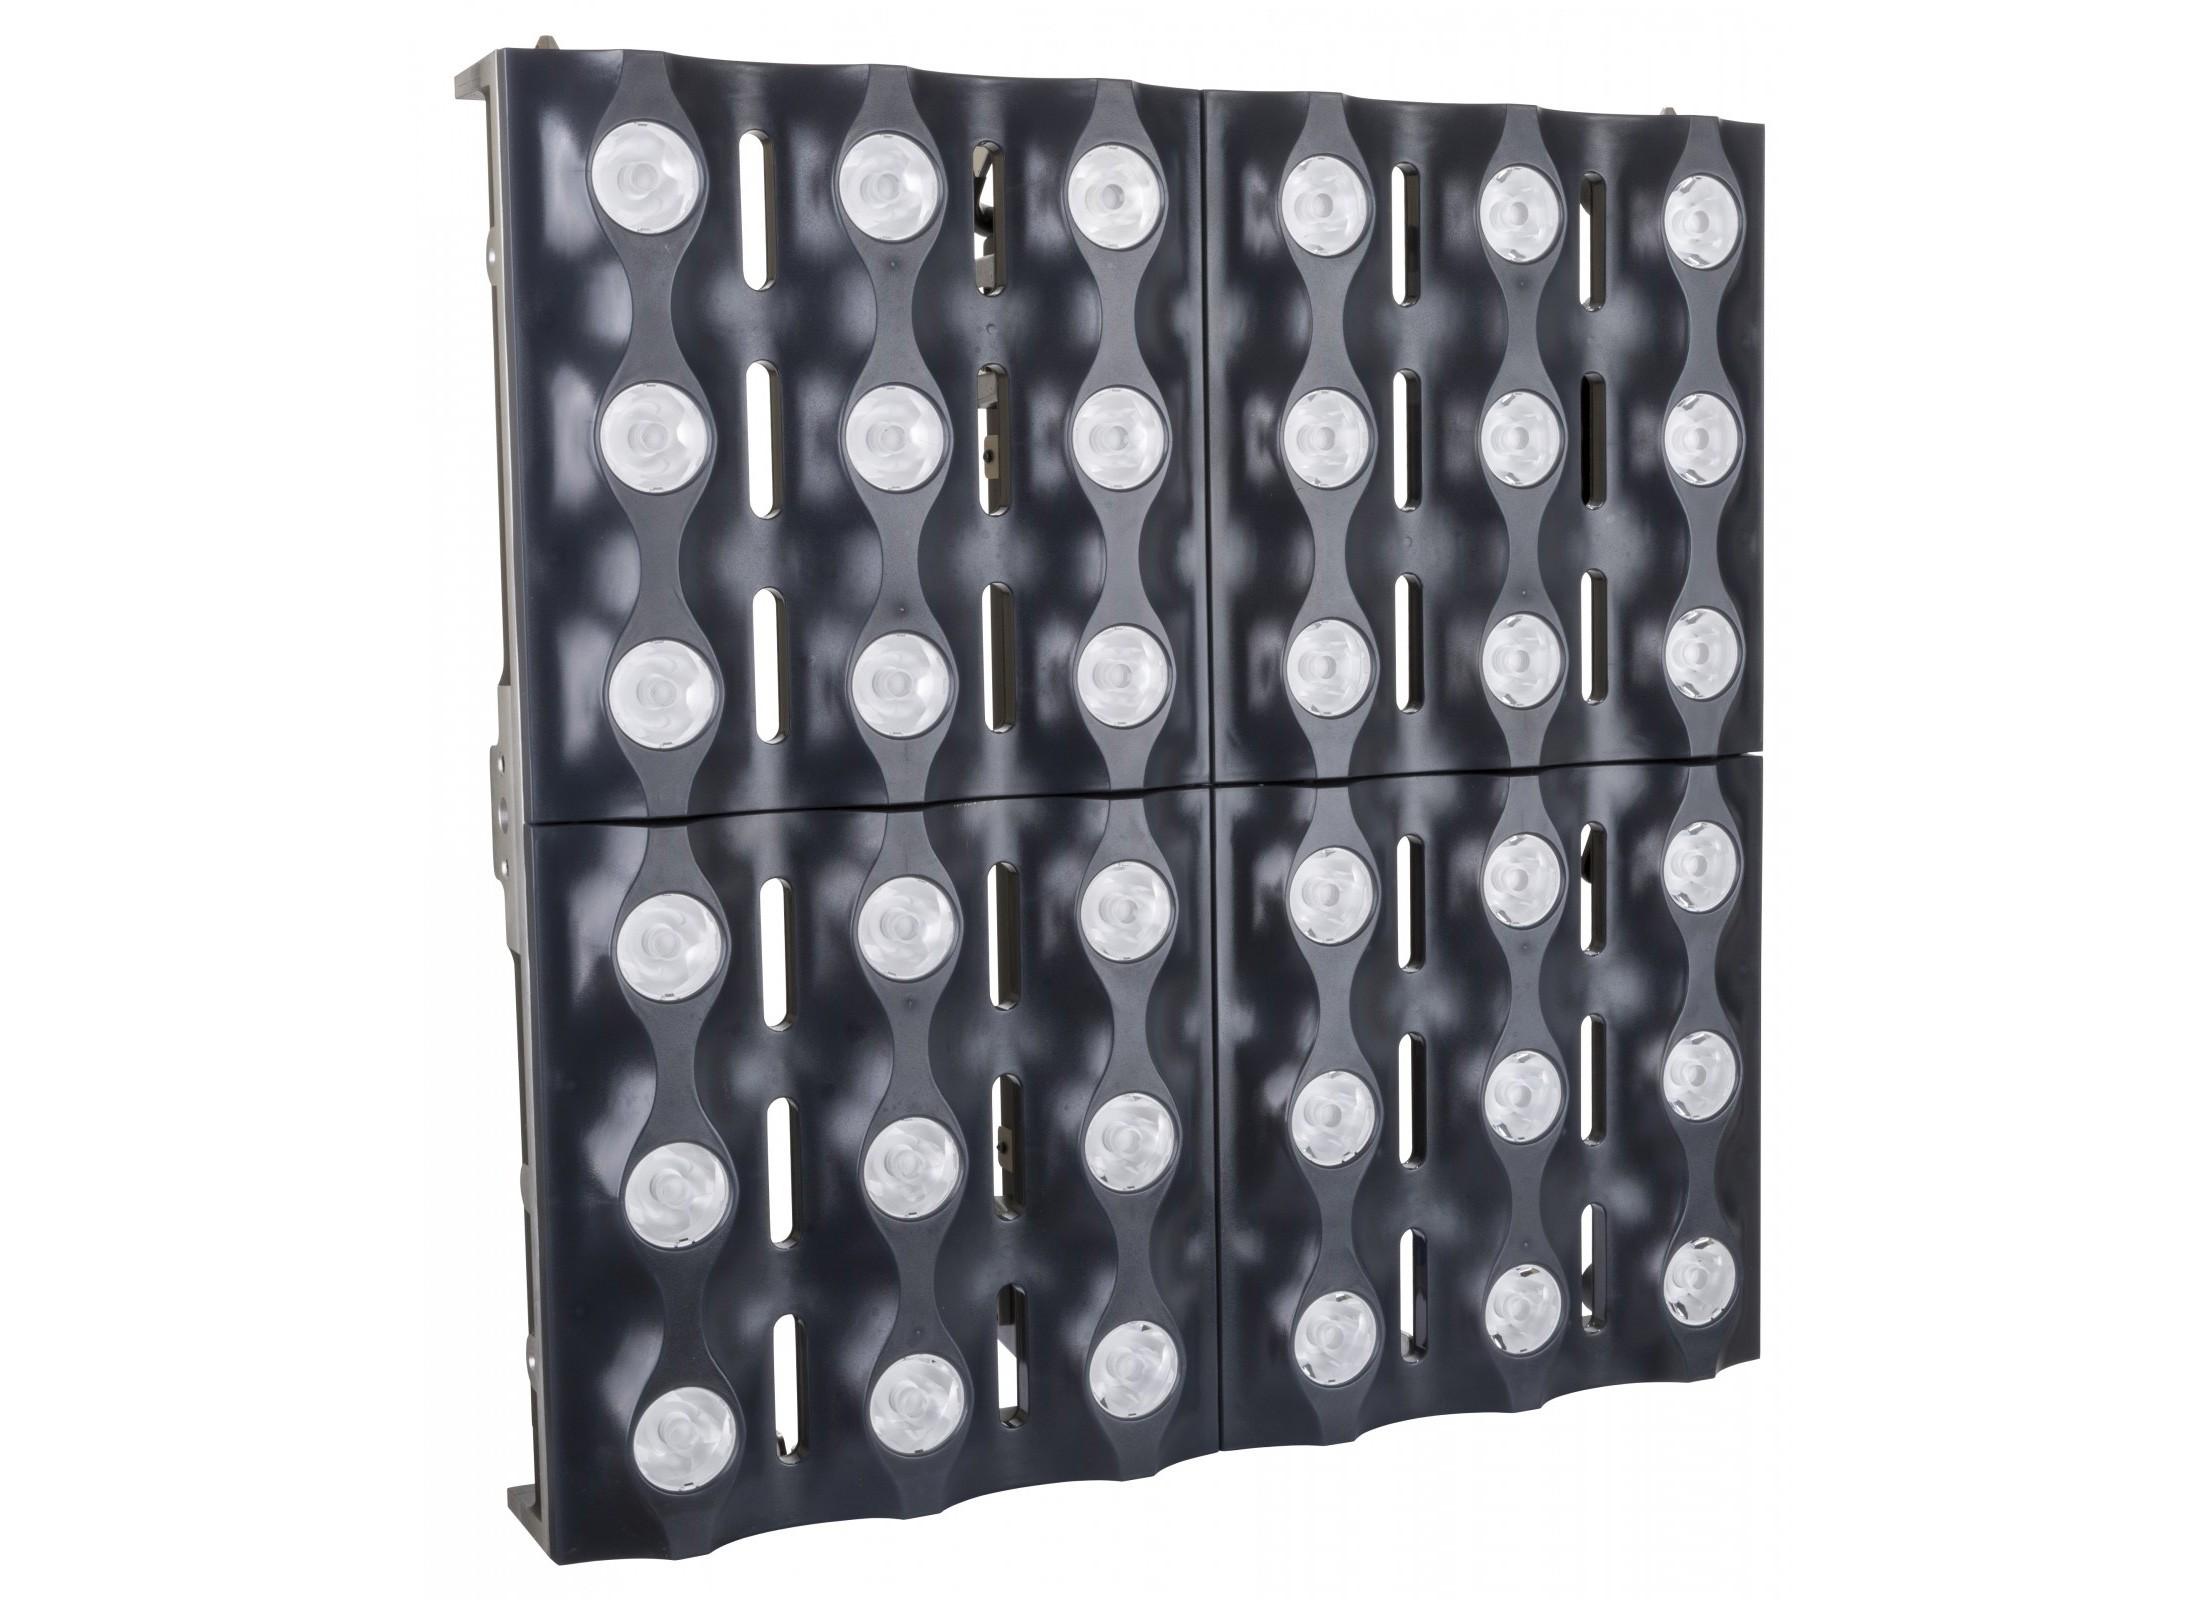 Briteq BT-GLOWPANEL Indoor Effekt Panel, schwarz günstig online ...